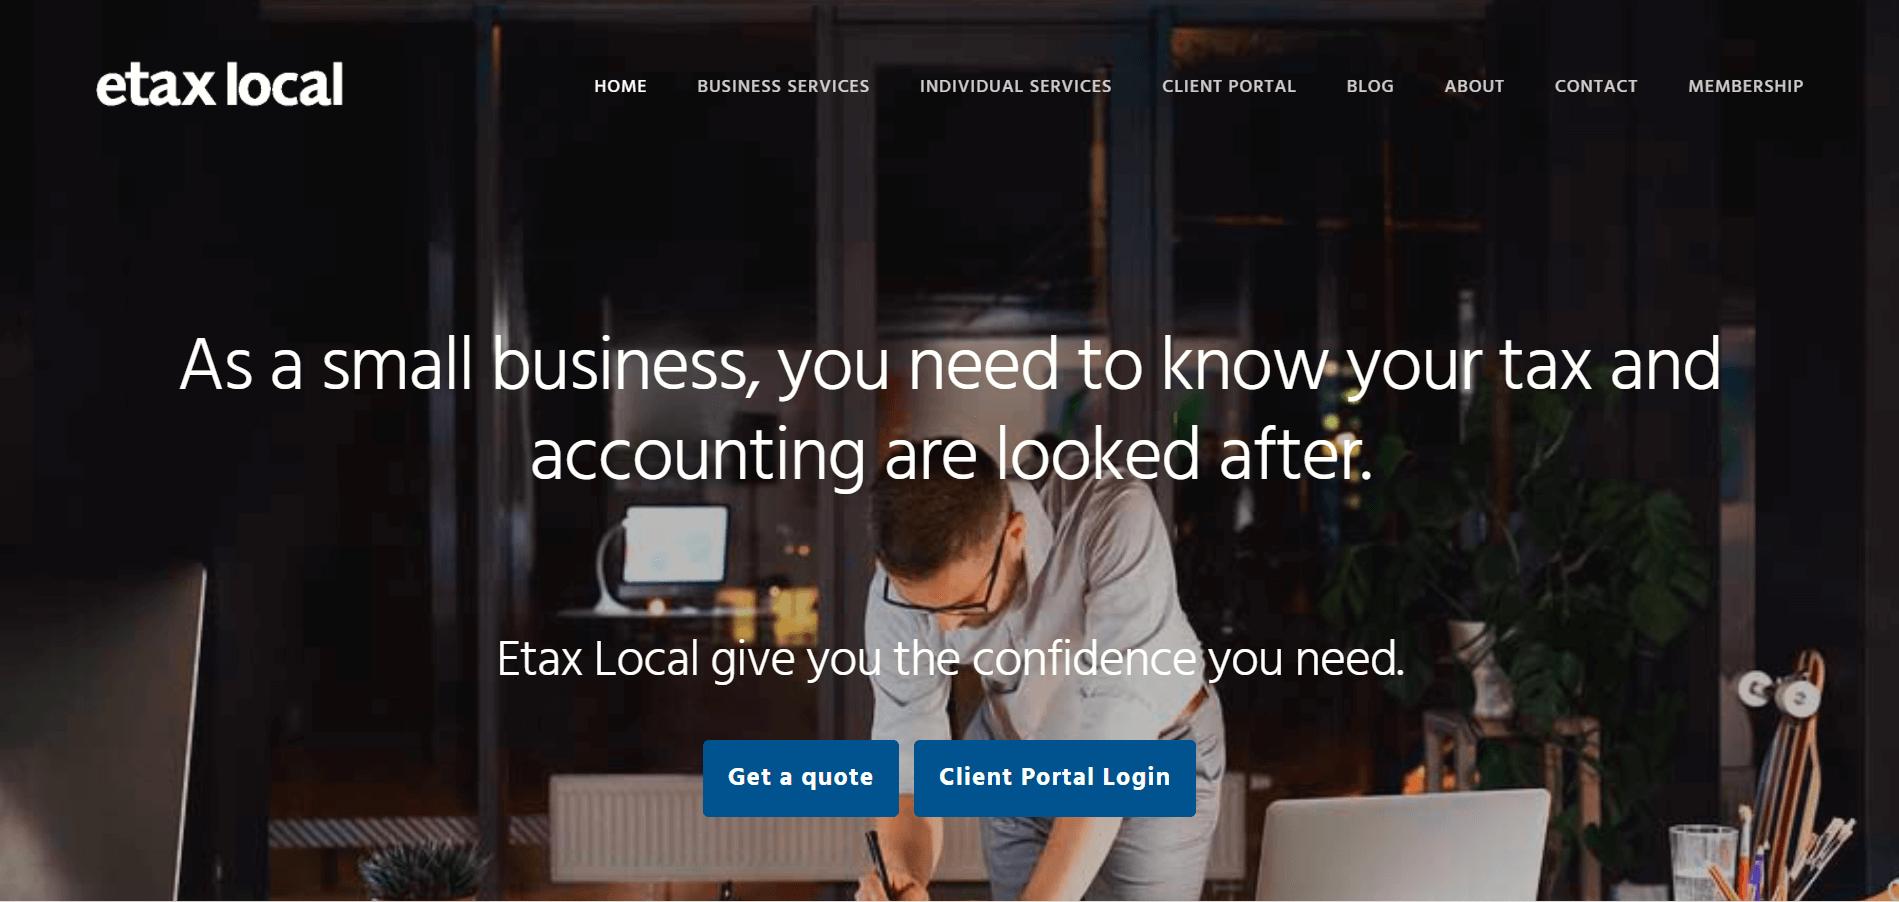 Etax Local